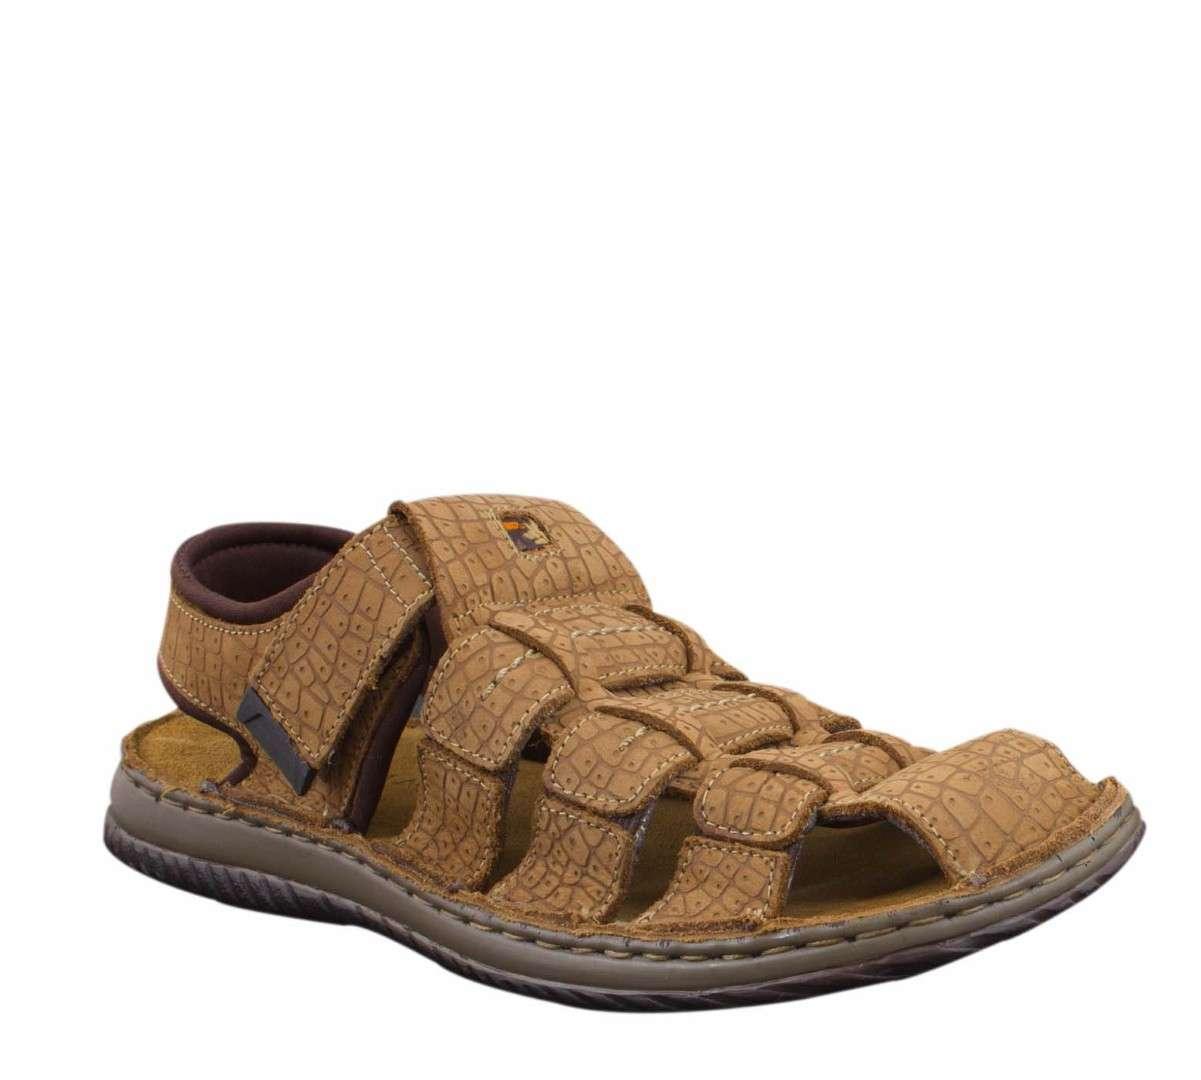 Woodland Men'S Camel Casual Sandal (Gd 1455114)   eBay